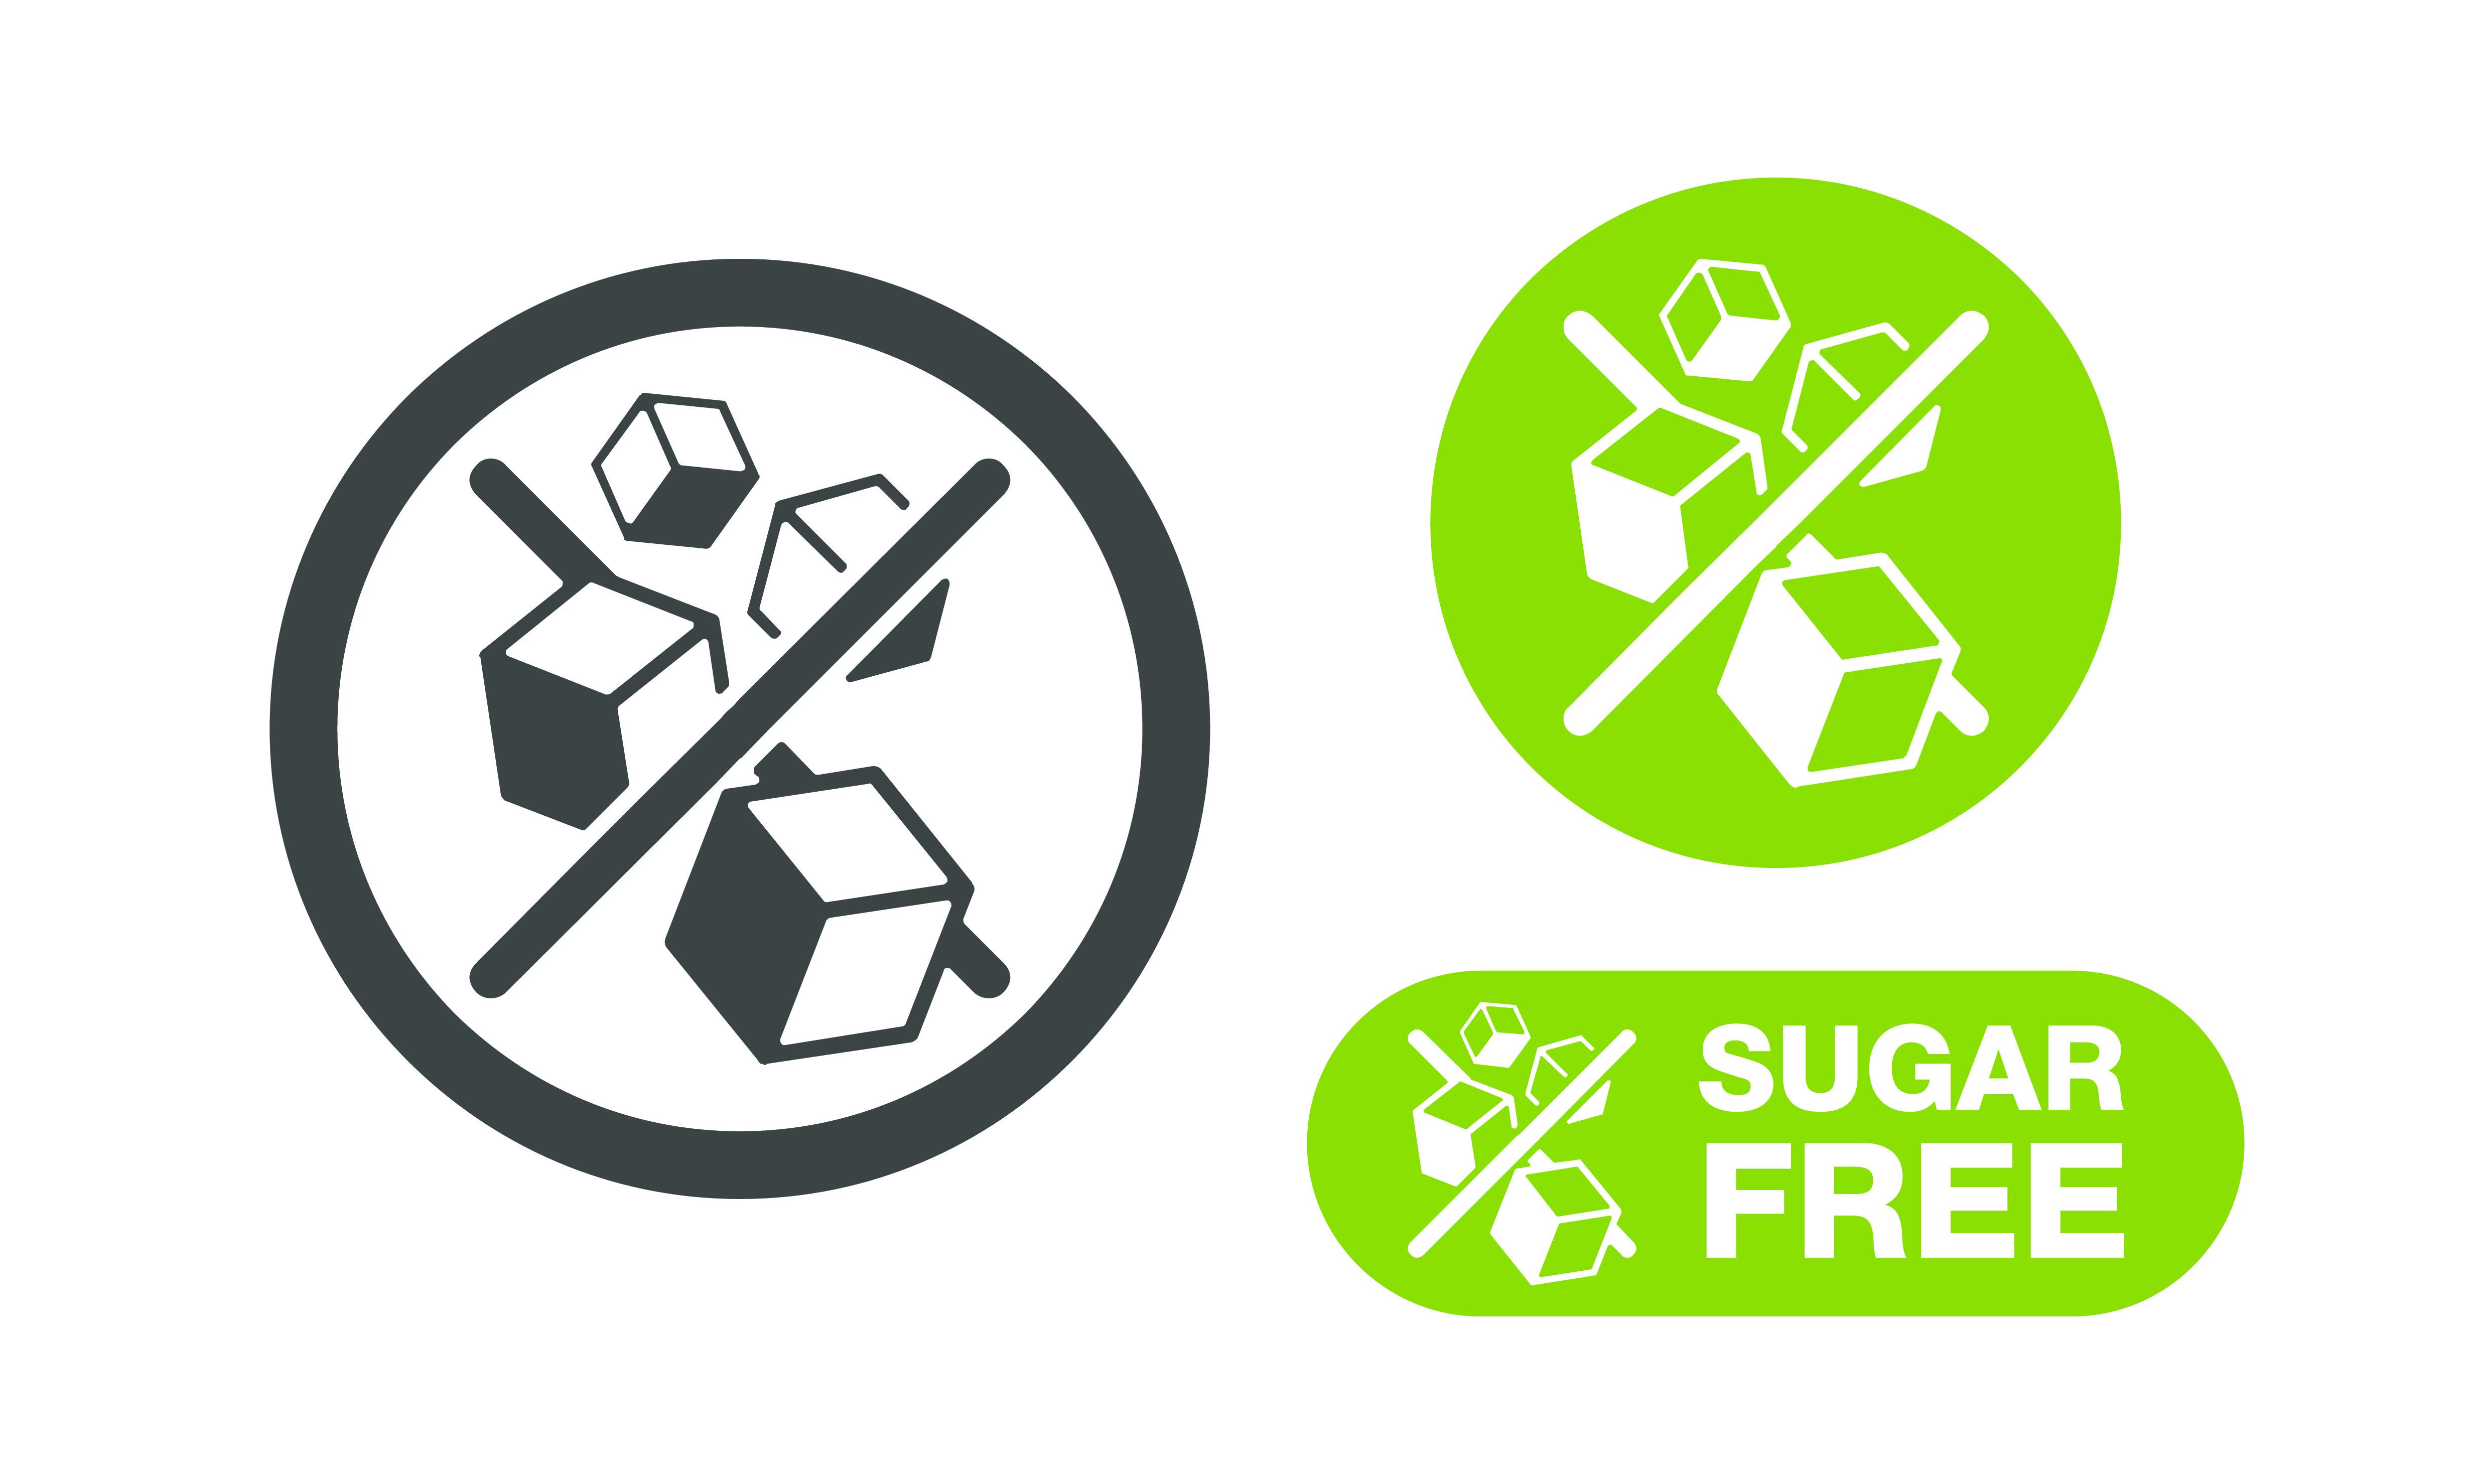 女明星们推荐的「抗糖化」产品真的有用吗?